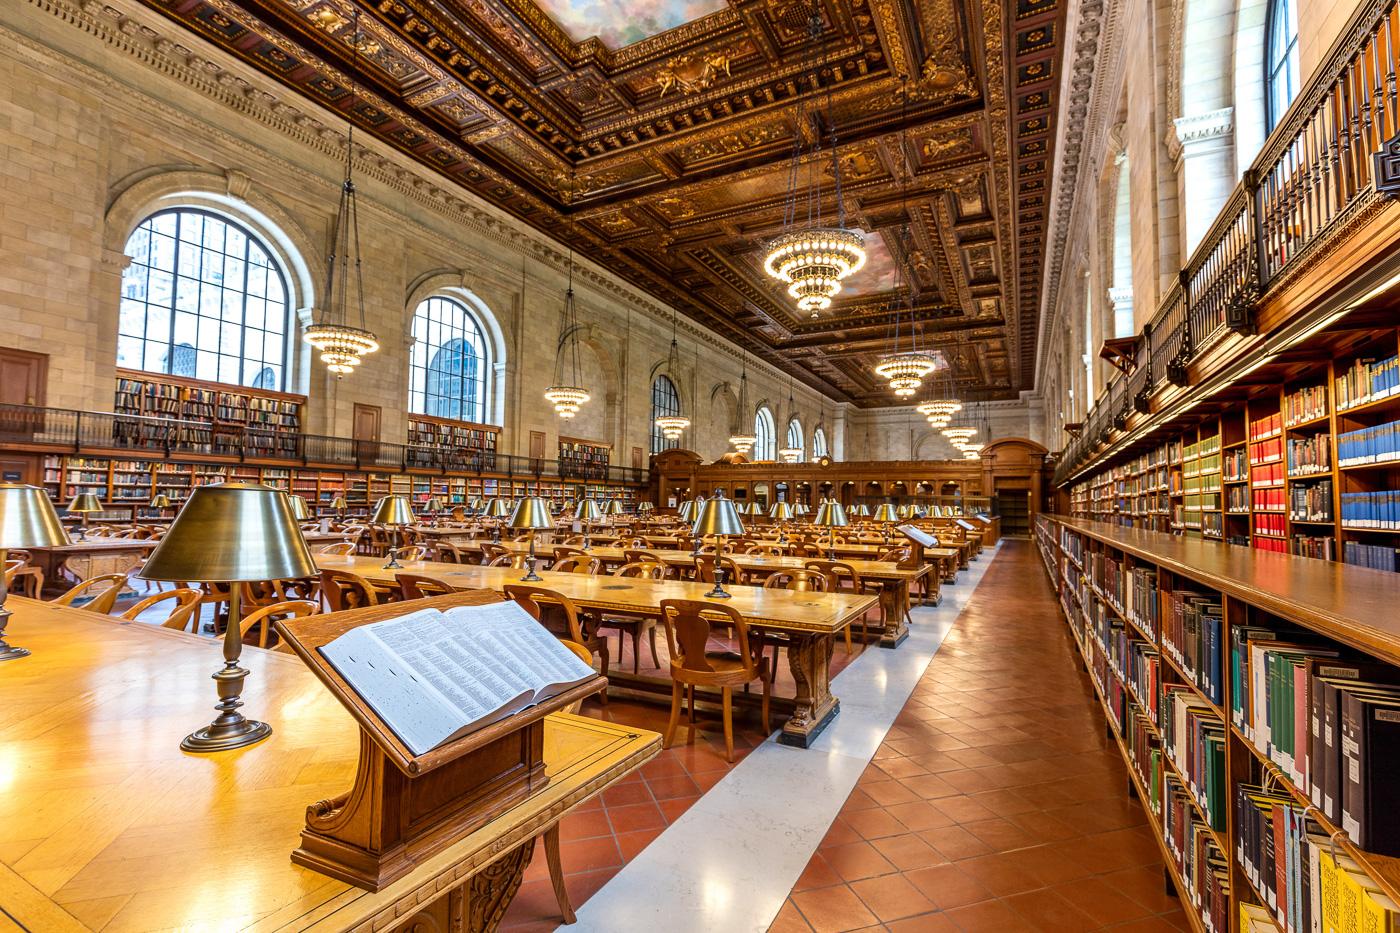 Vue d'ensemble des bibliothèques, lustres et tables de travail de la luxueuse New York Public Libary avec un livre posé sur un pupitre au premier plan